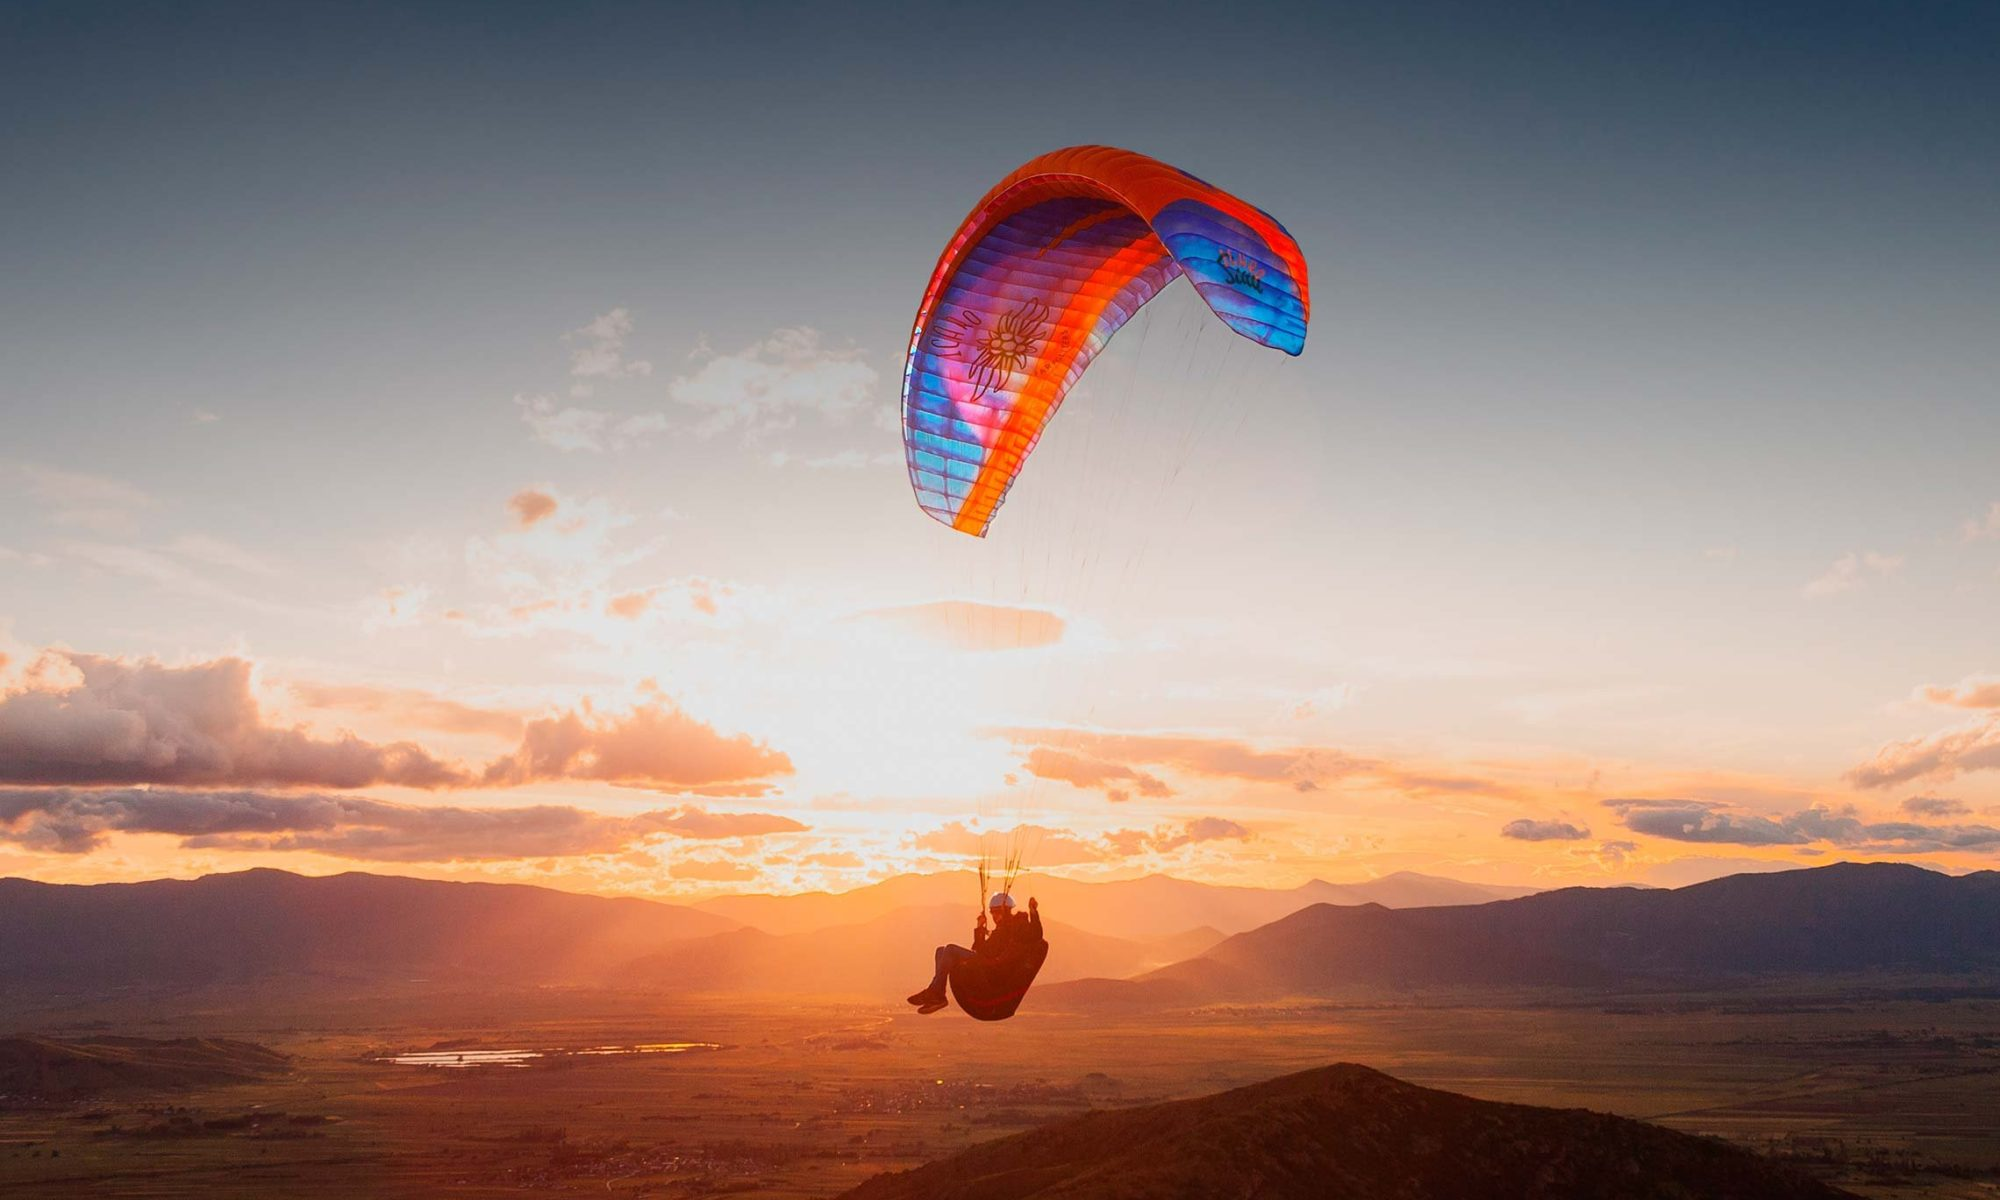 Прыжки с парашютом, полёты на самолёте в подарок в Казани